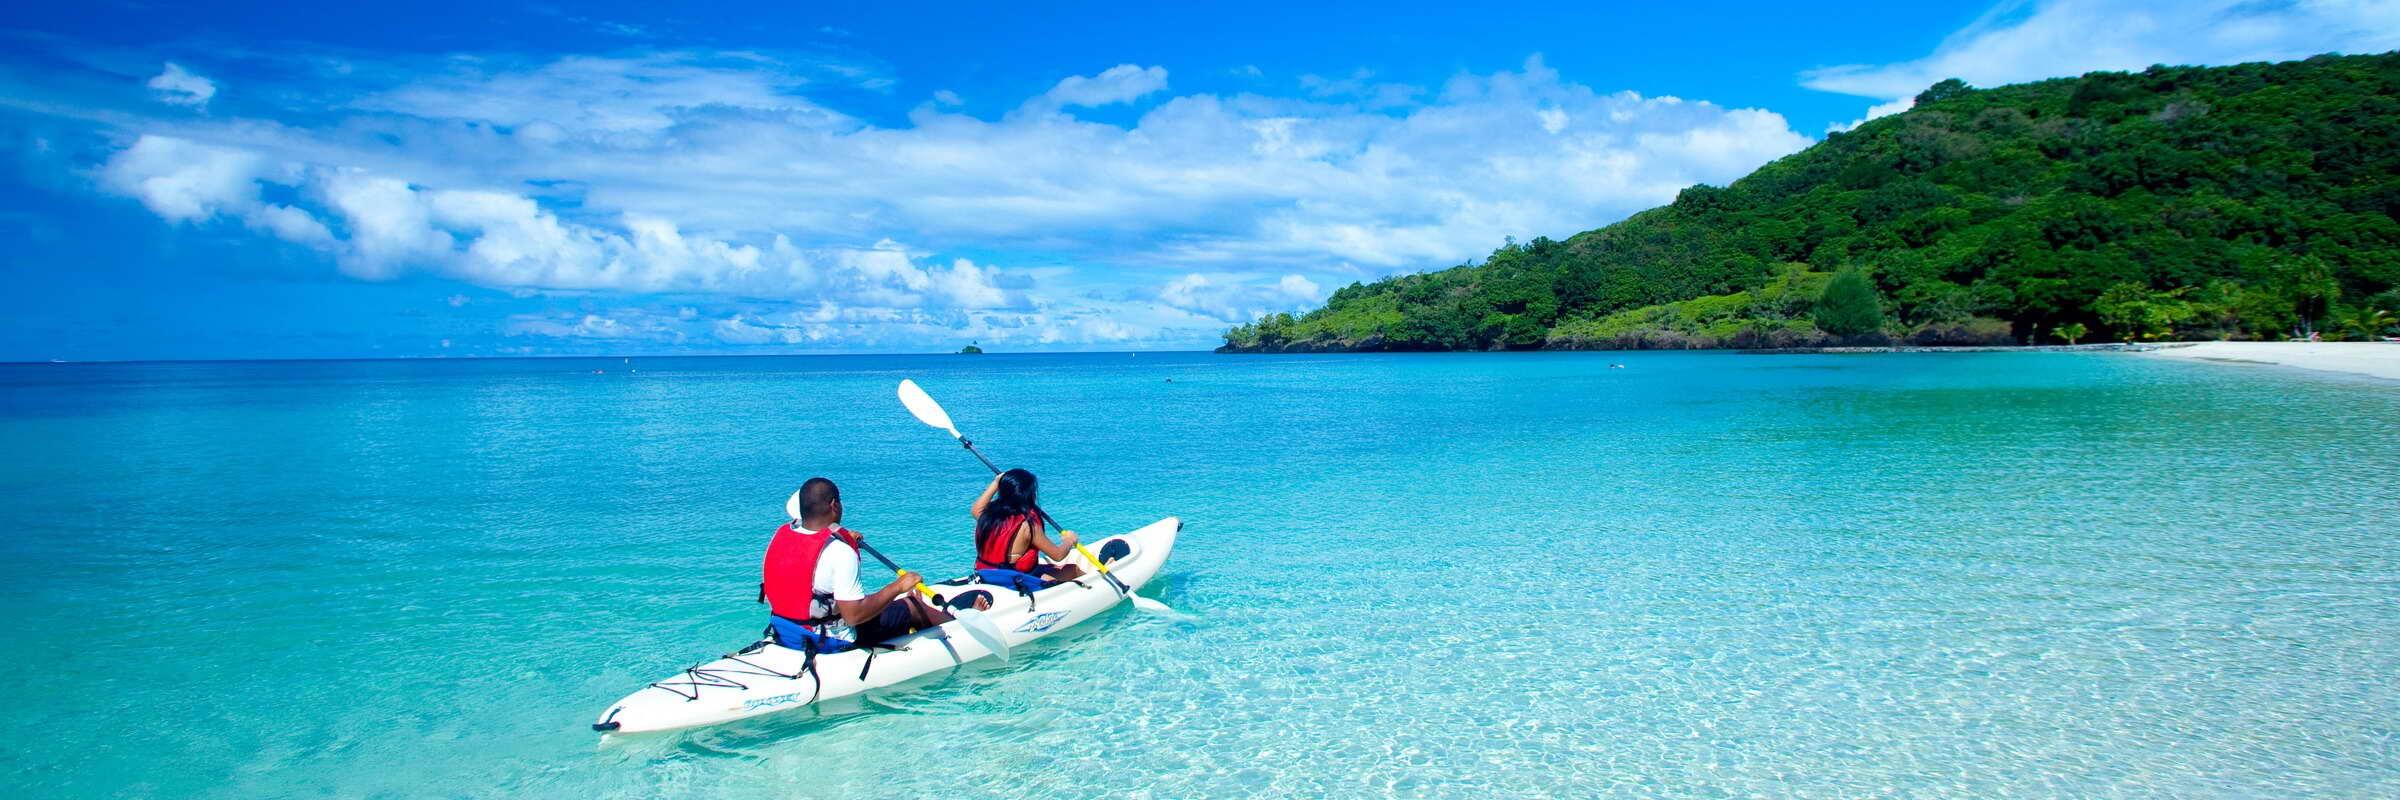 Im Tauchcenter des Palau Pacific Resorts werden verschiedene Ausflüge und Kurse angeboten, darunter auch Kayak- und Katamarantouren.